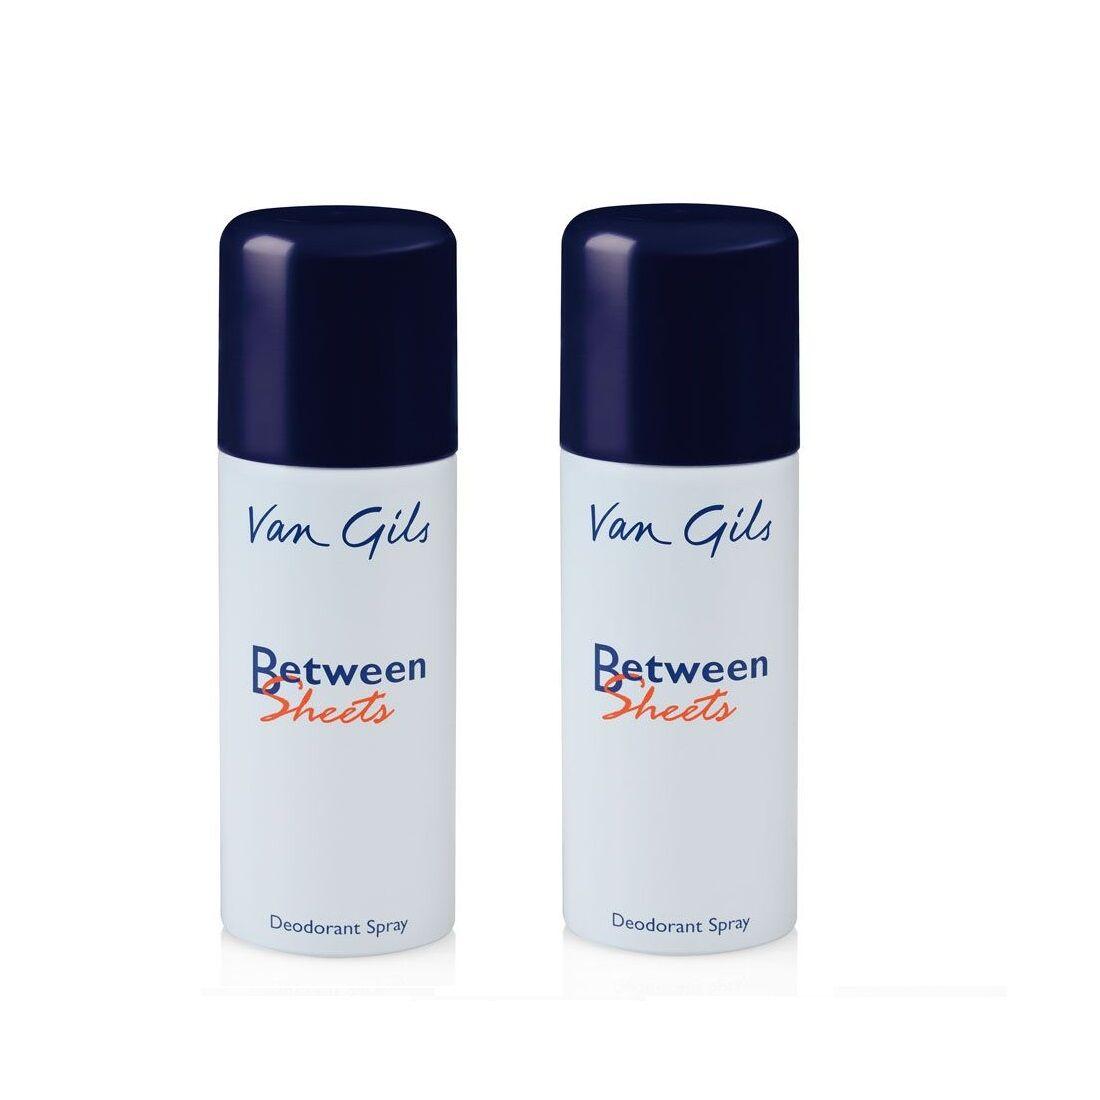 Van Gils 2x Between Sheets Deodorant Spray 150 ml